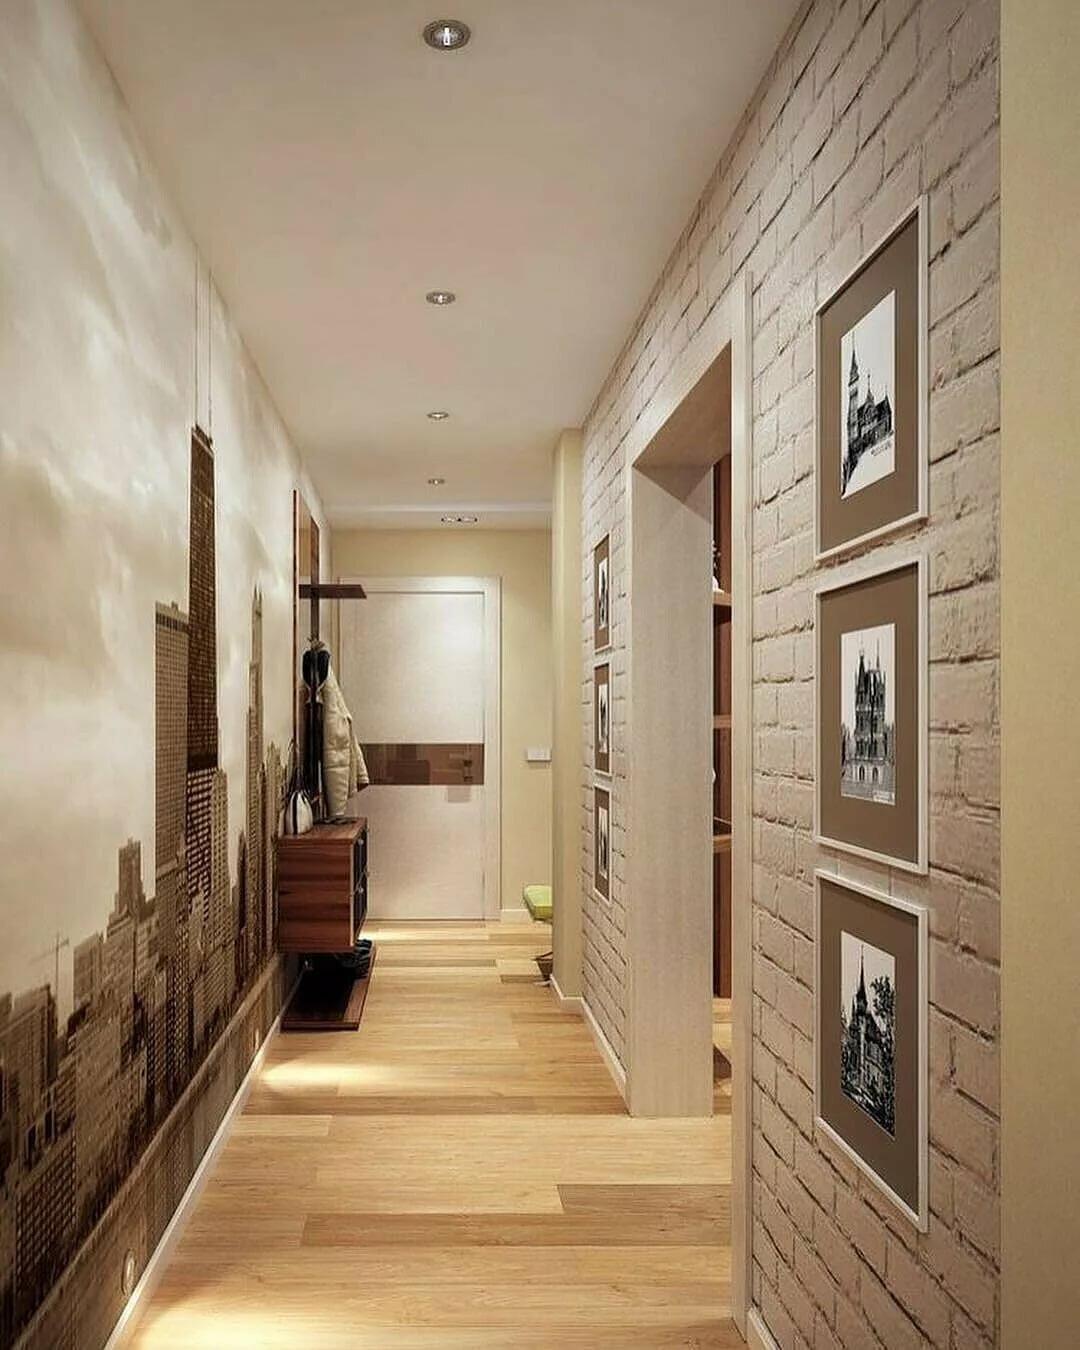 картинки длинного коридора кажется, сли мальчик